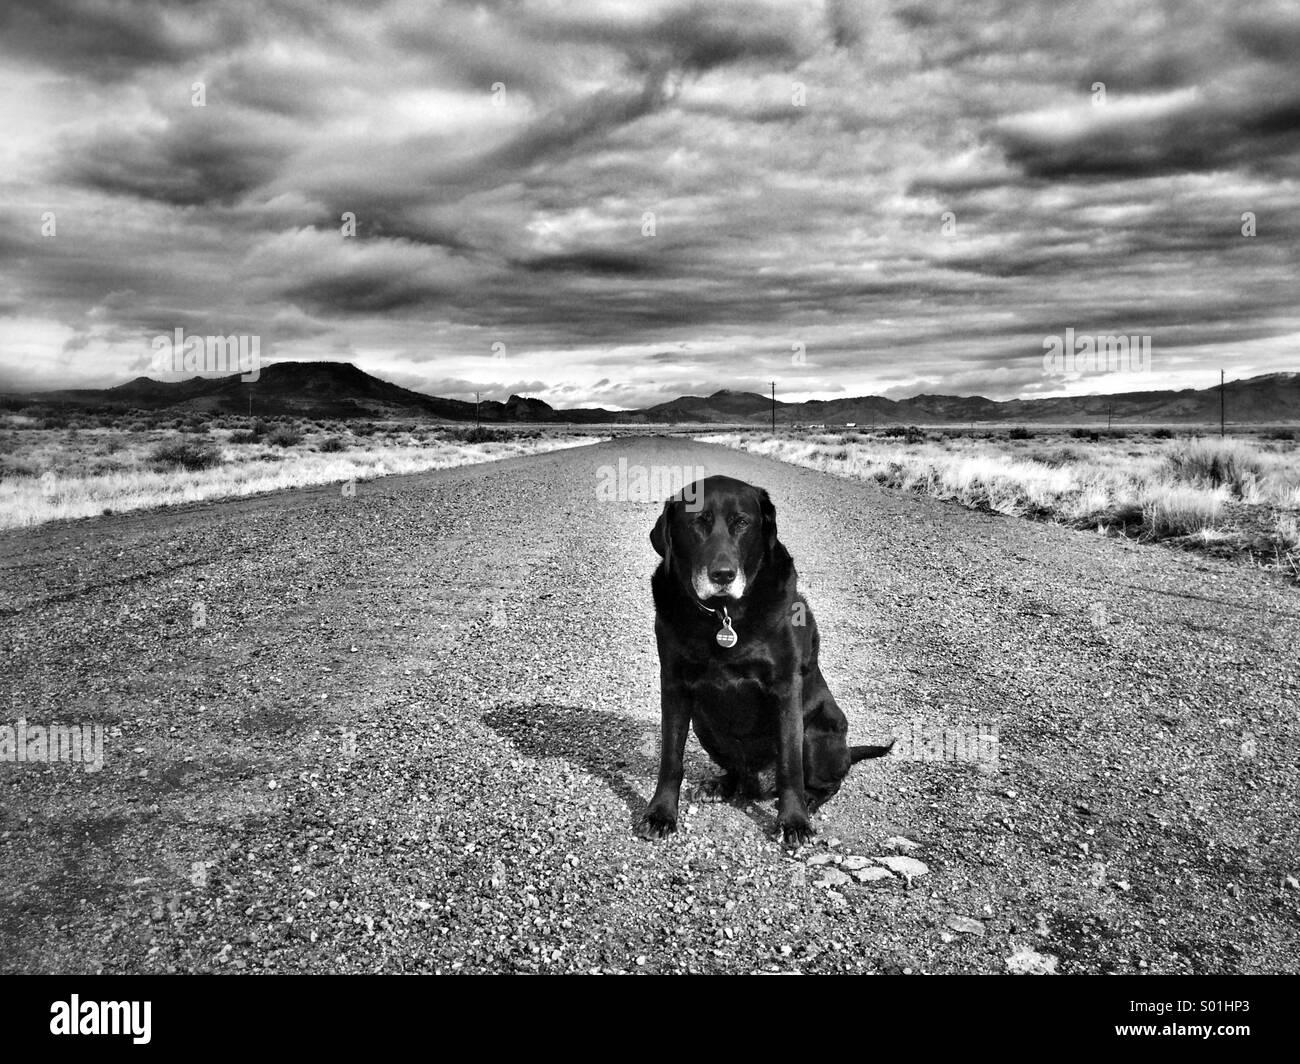 Dog road - Stock Image